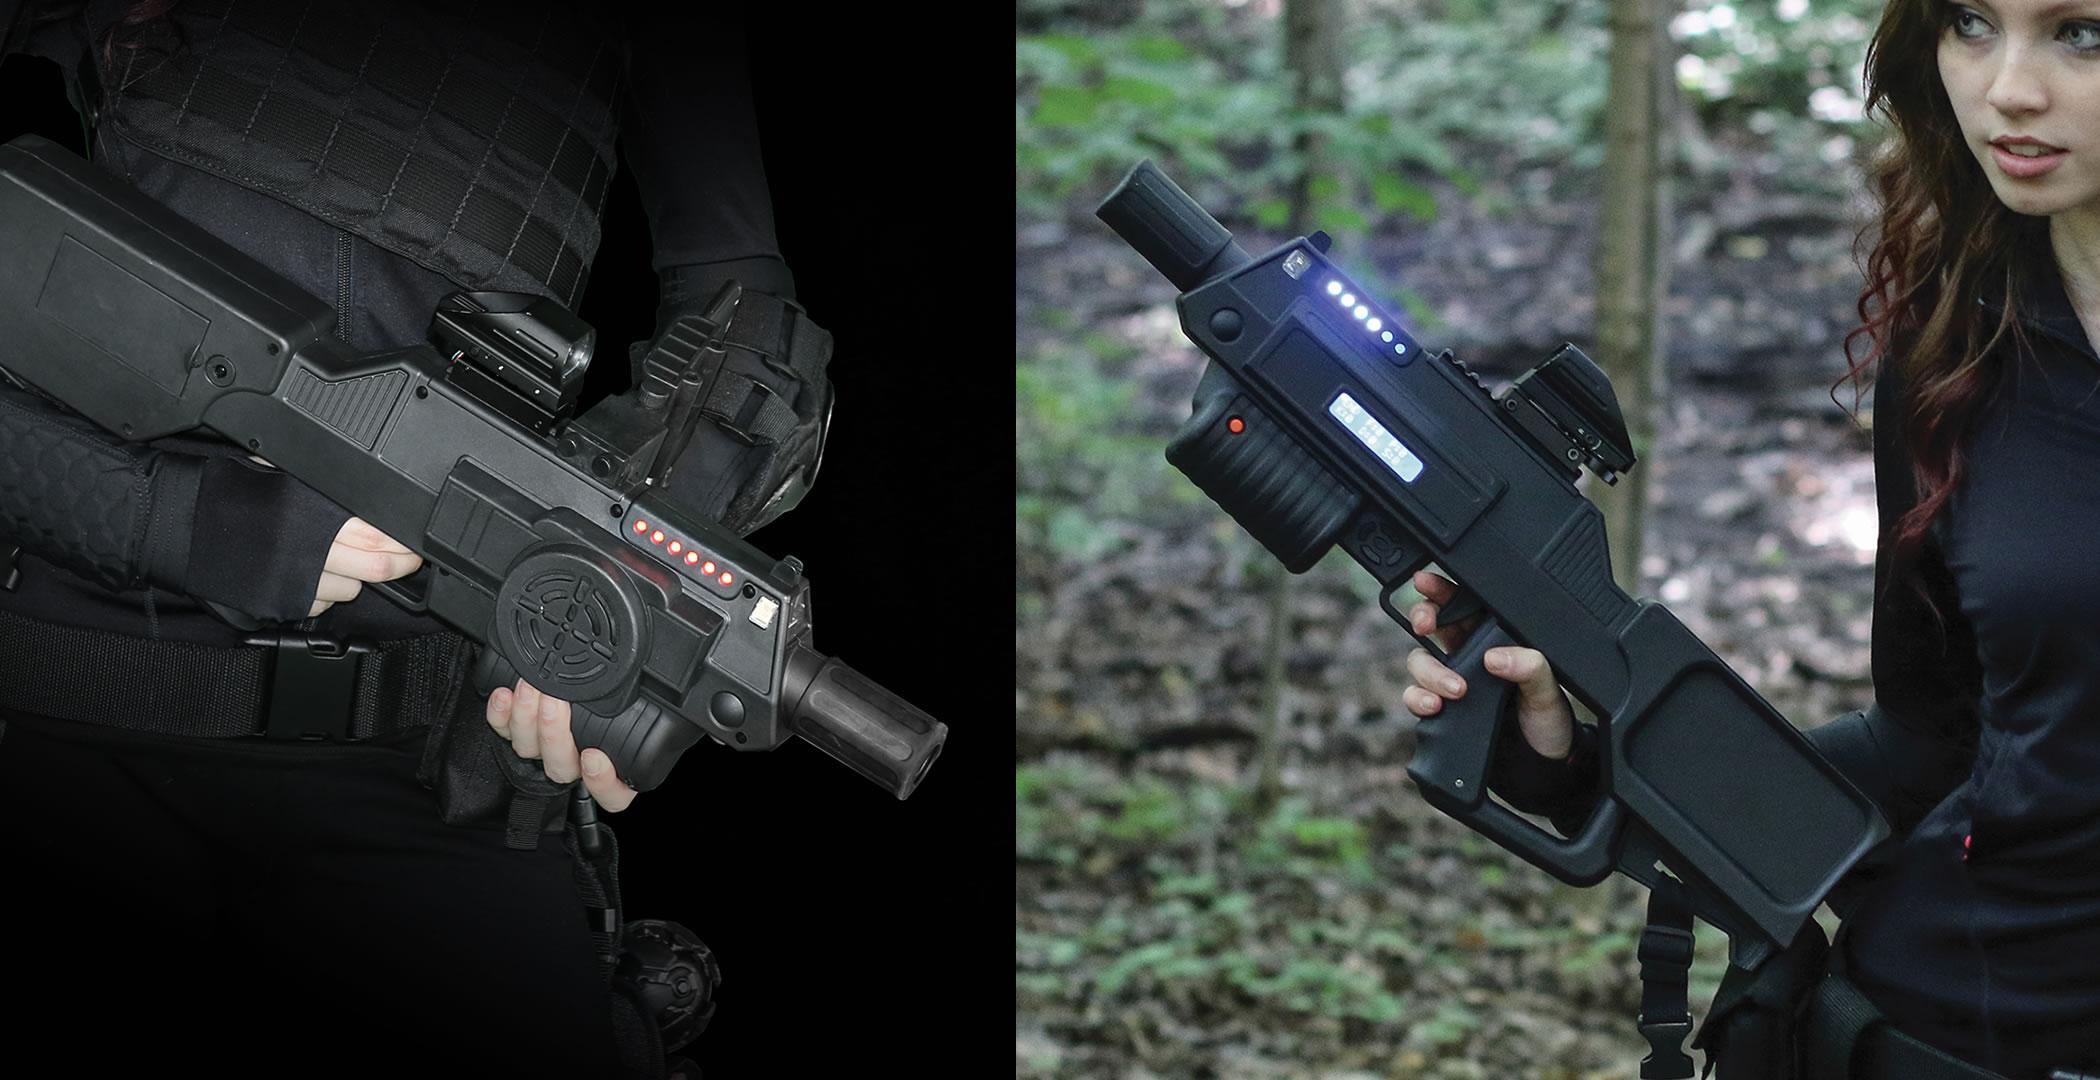 Equipment - Battle Company